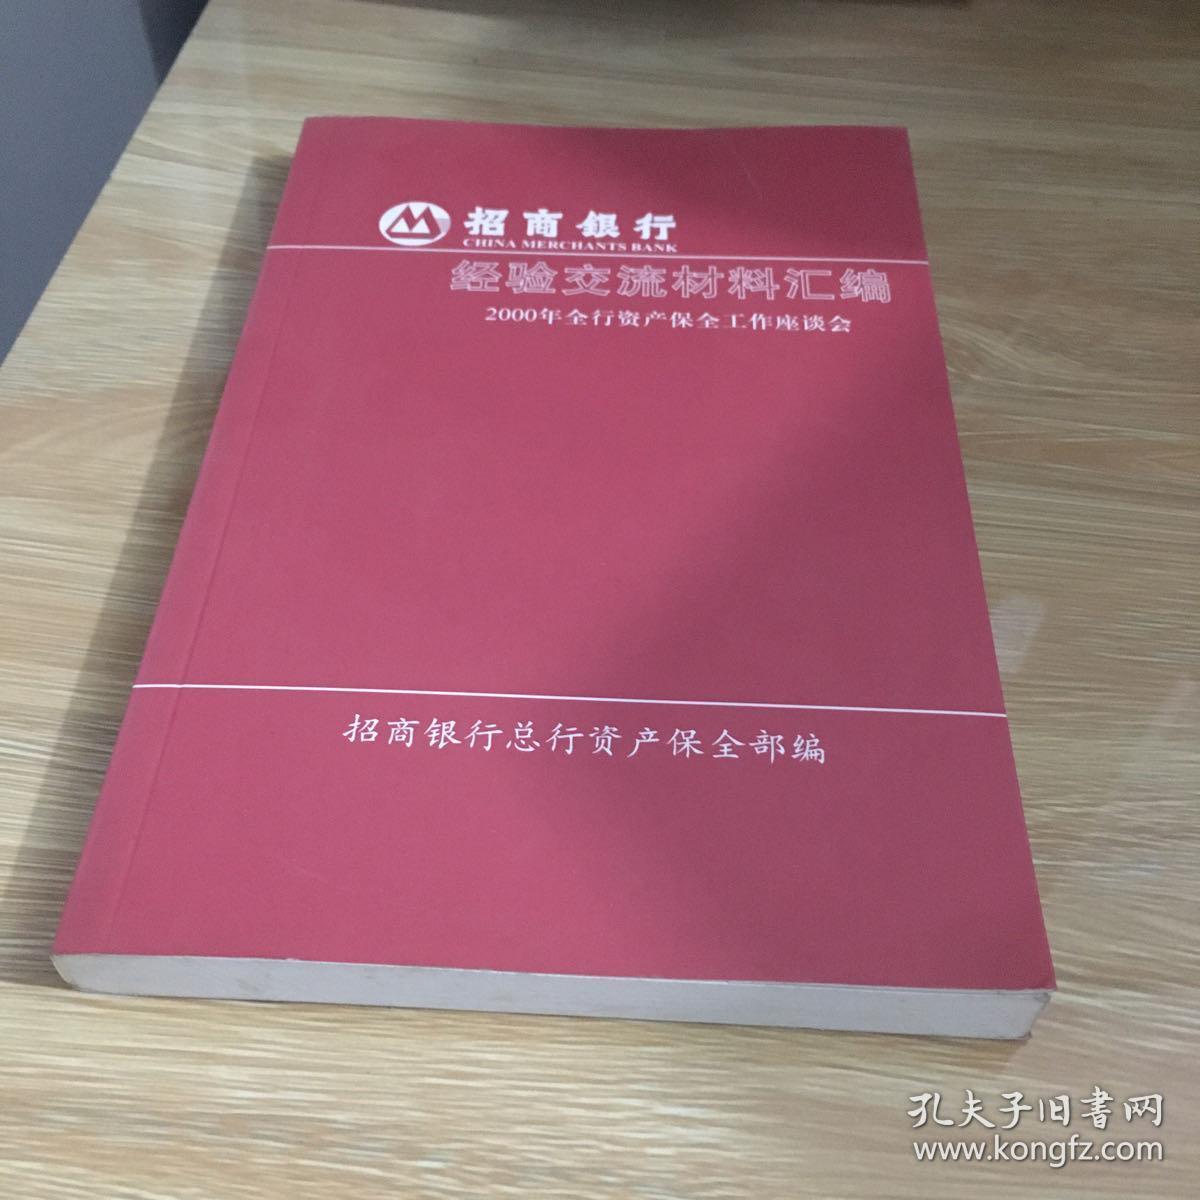 招商银行 经验交流材料汇编 2000年全行资产保全工作座谈会